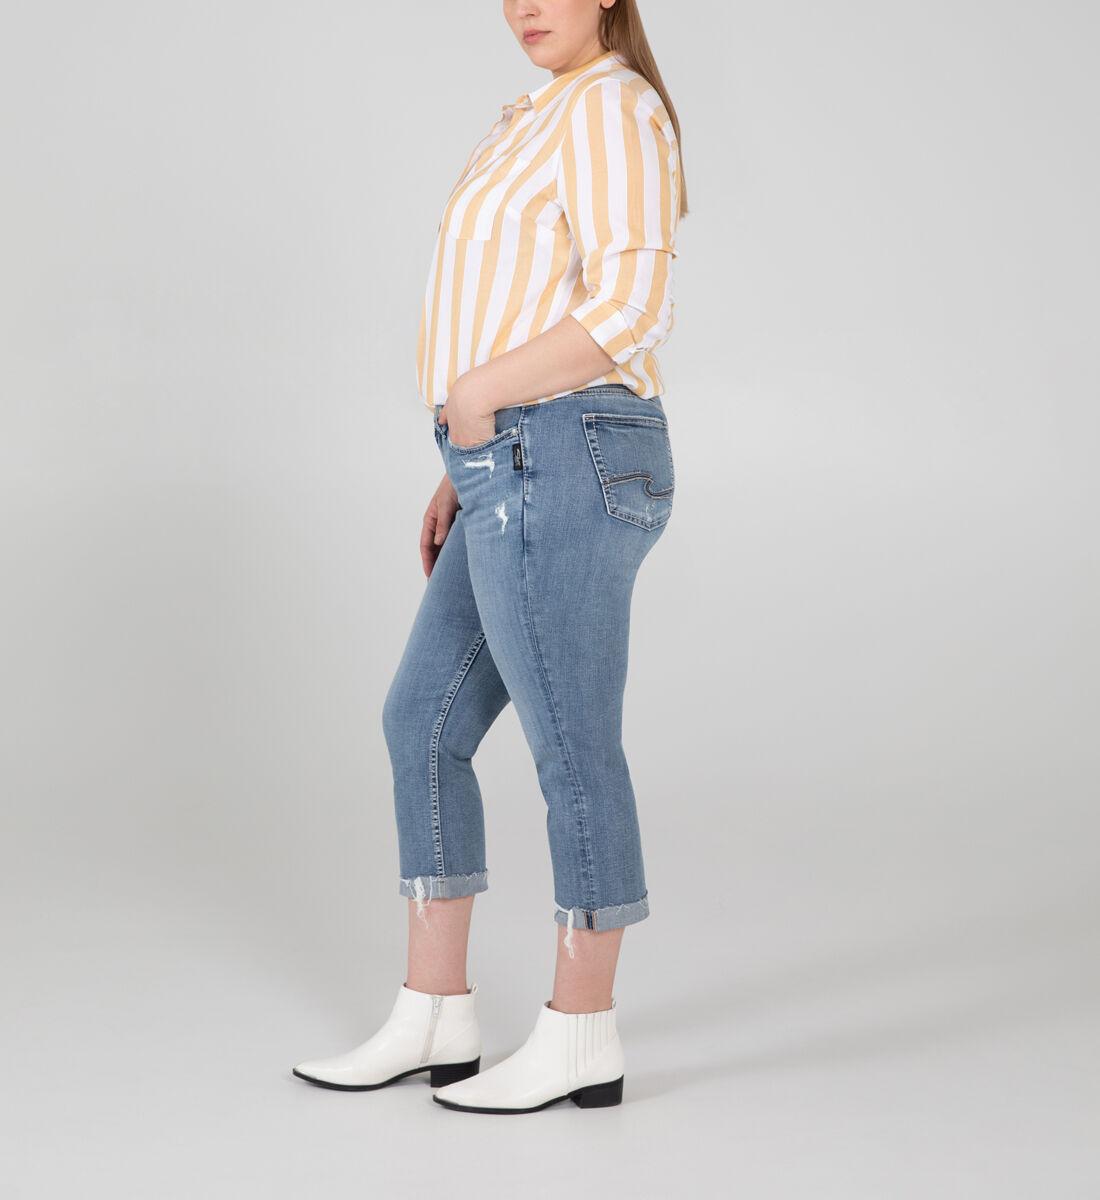 Suki Mid Rise Capri Plus Size Side